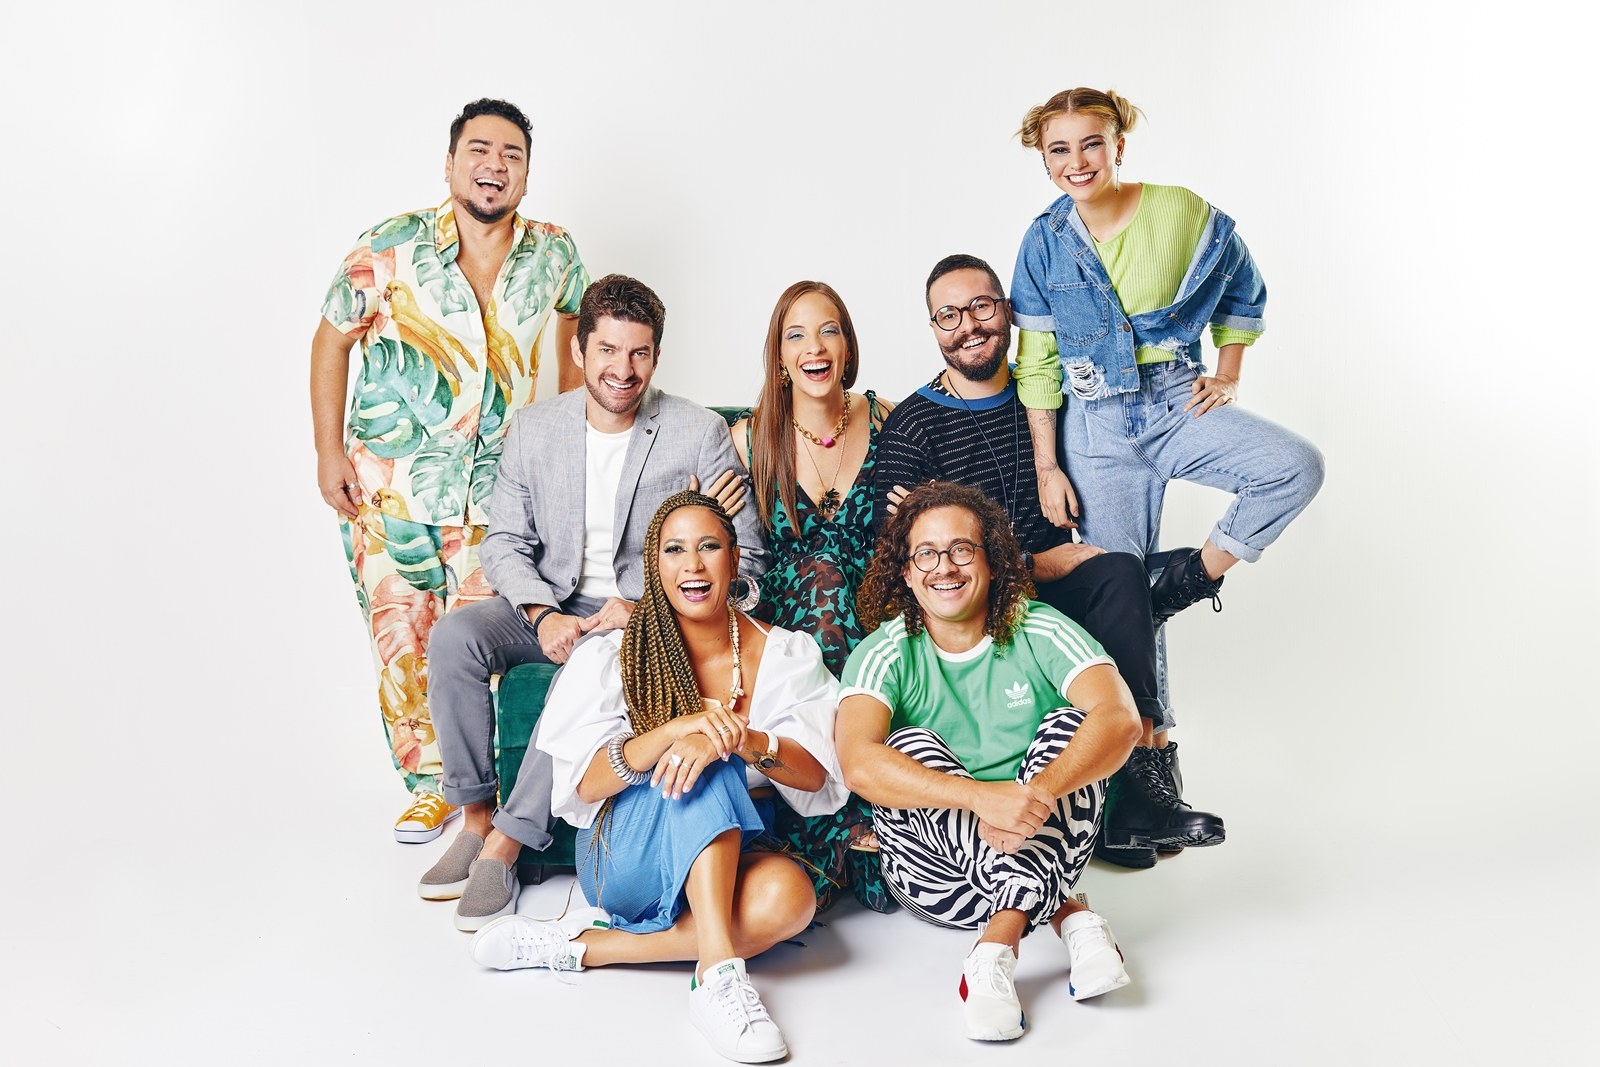 RioMar Fortaleza lança campanha Primavera-Verão 2021 trazendo cliques e vídeos de músicos da cidade